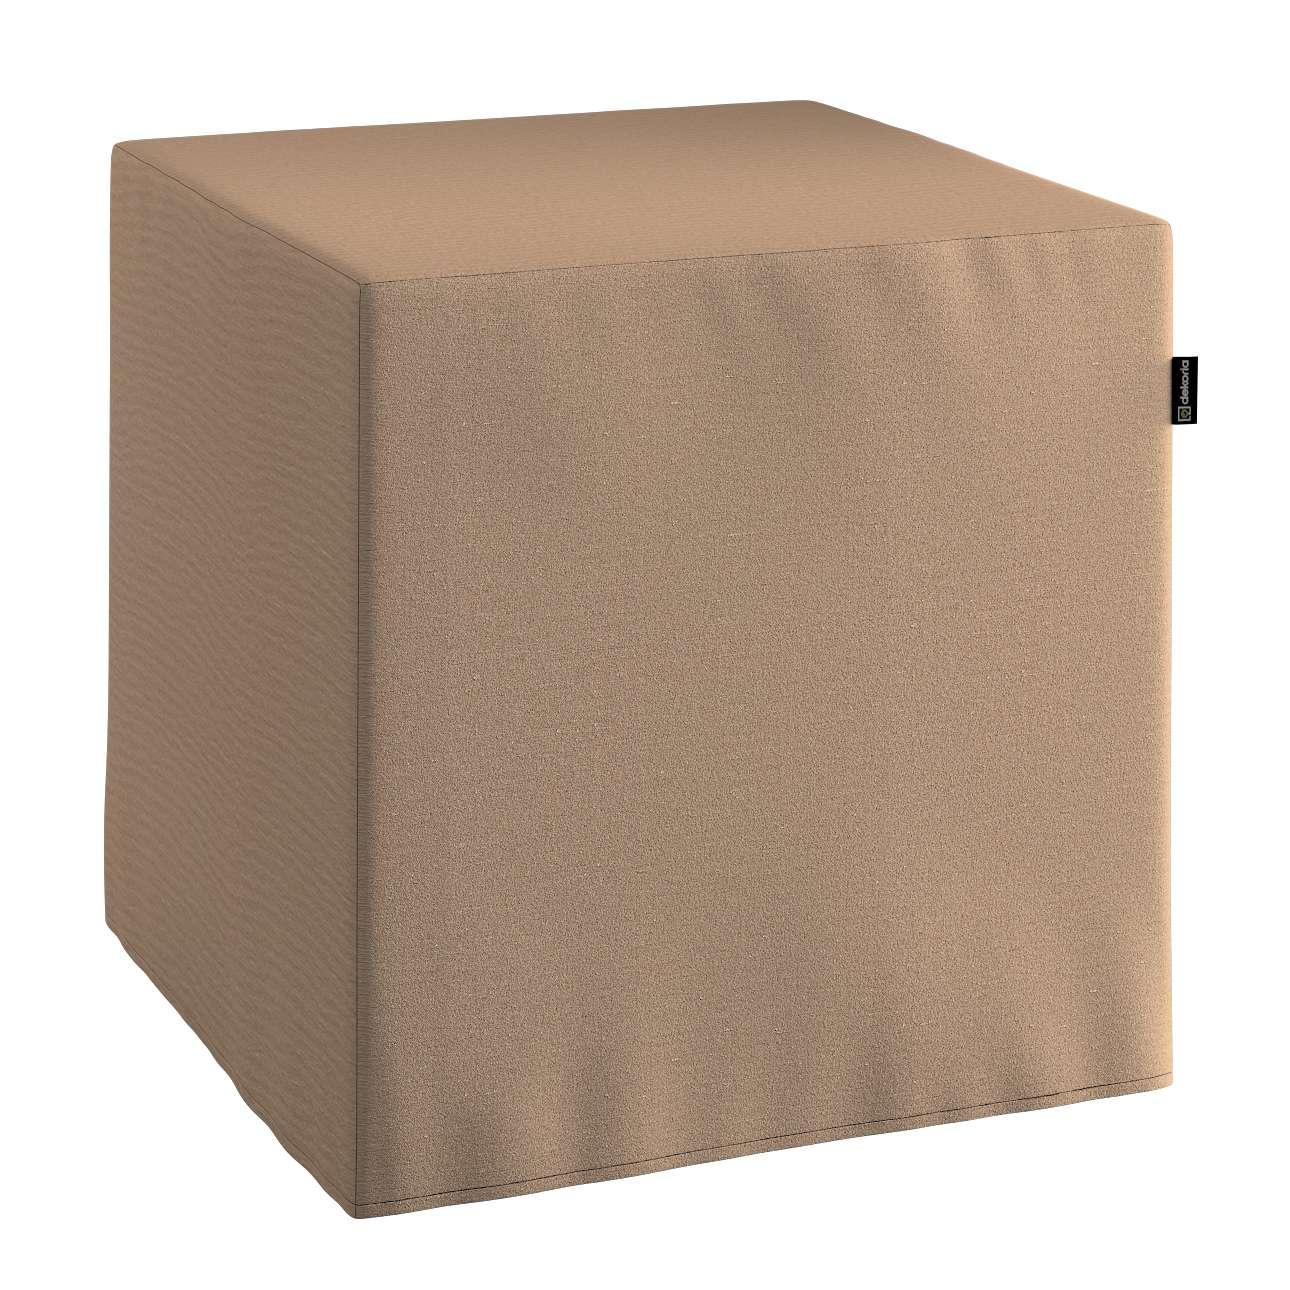 Bezug für Sitzwürfel von der Kollektion Quadro, Stoff: 136-09